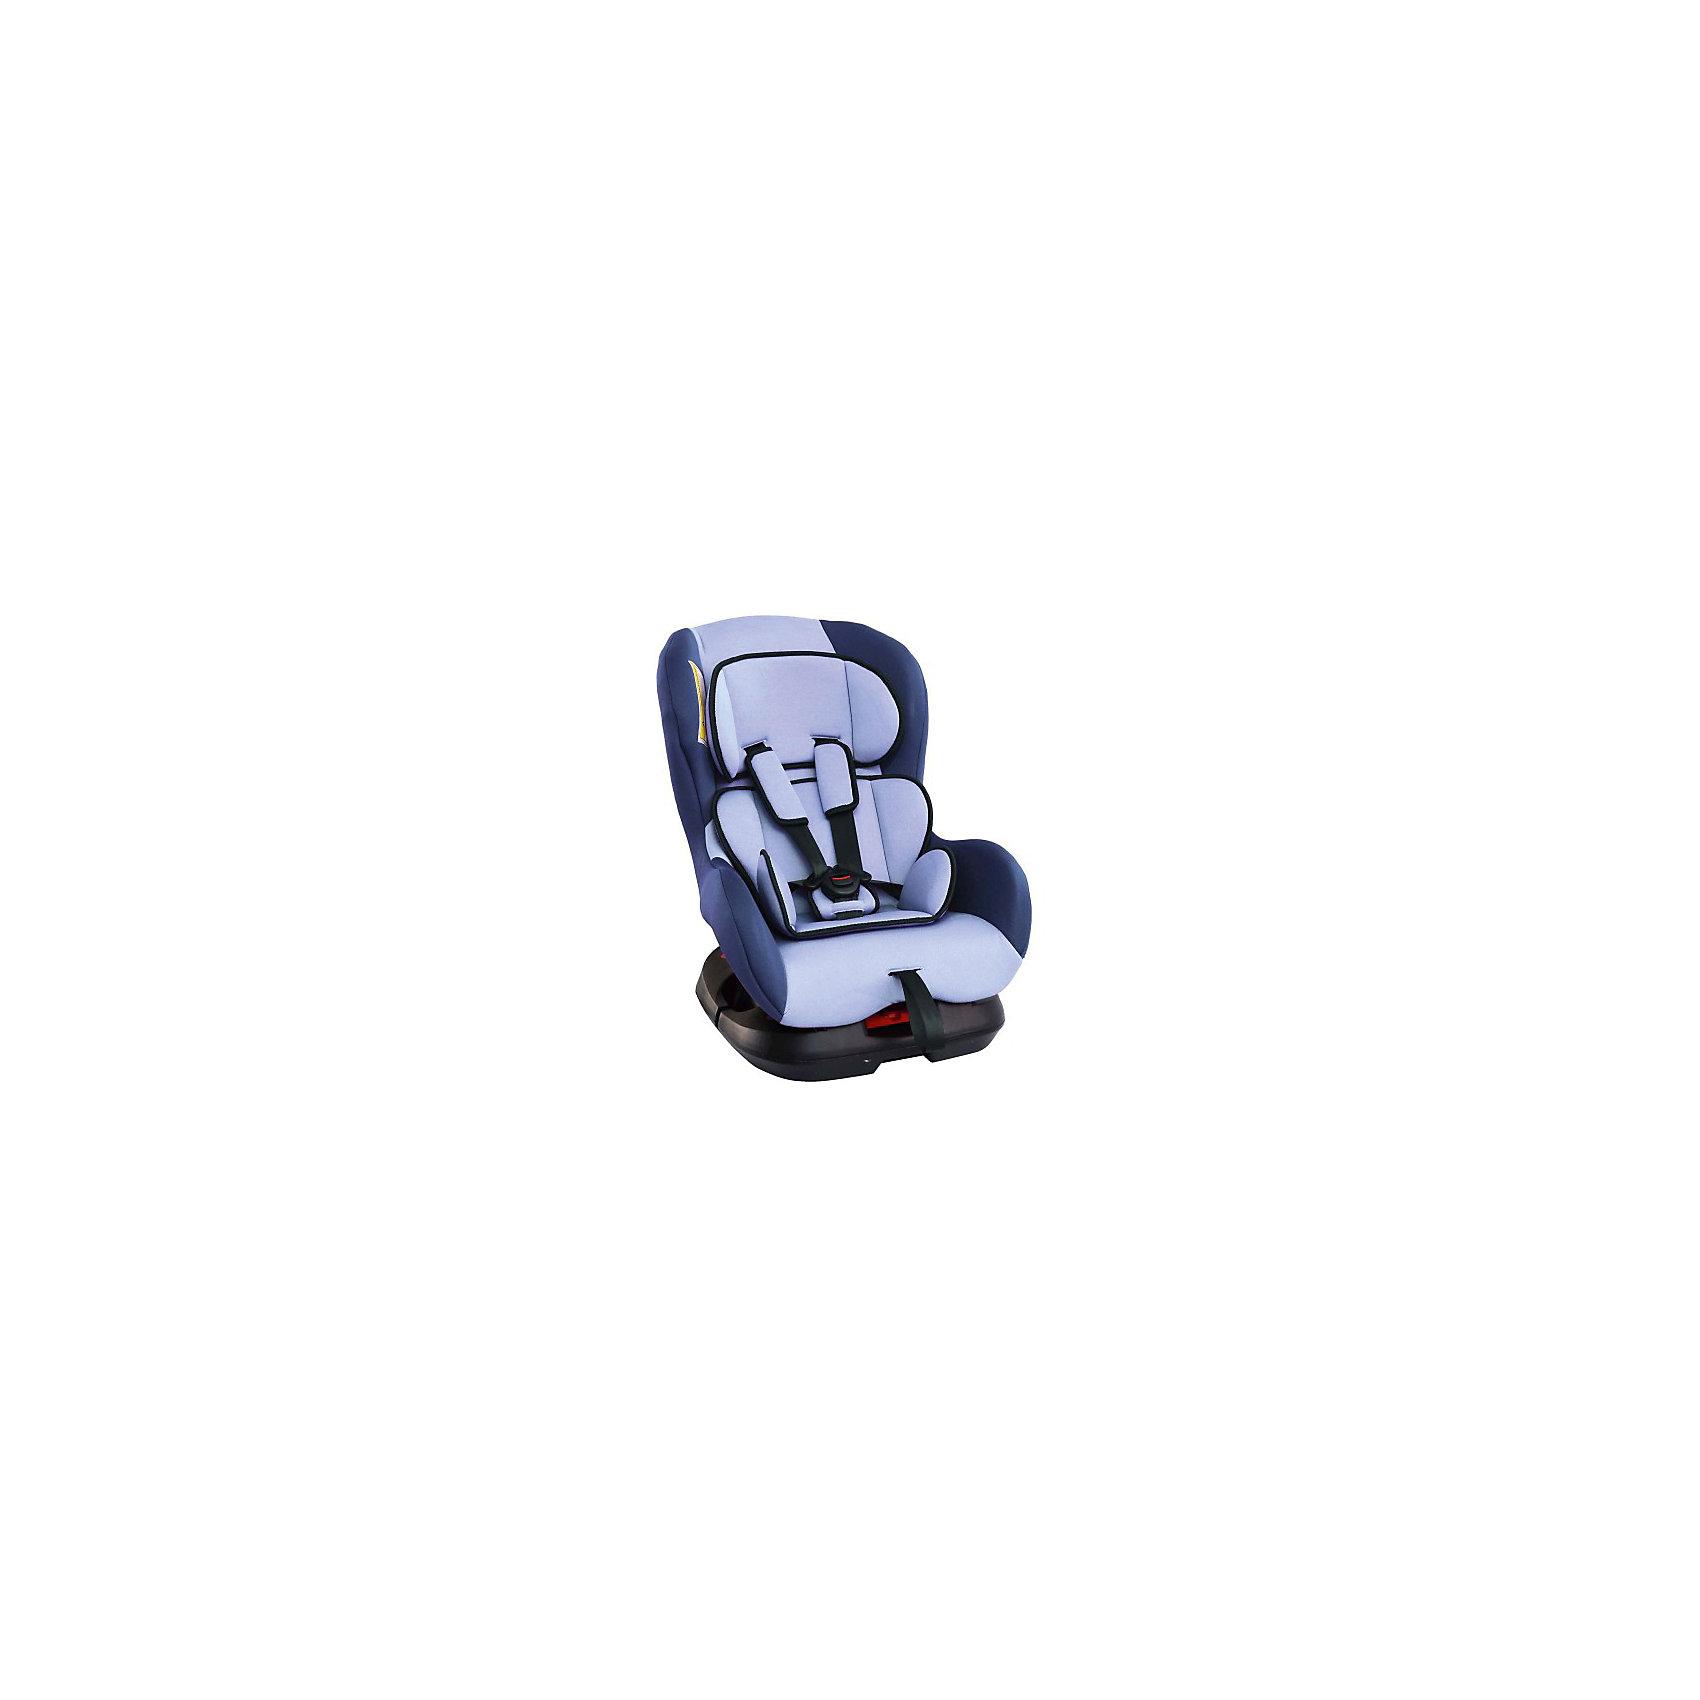 Автокресло Siger Наутилиус 0-18 кг, голубойГруппа 0+, 1 (До 18 кг)<br>Кресло Siger Nautilus это уникальное сочетание практичности и комфорта. Автокресло имеет надежную боковую защиту, а так же внутренние пятиточечные ремни, которые легко регулируются по высоте и глубин6е. Благодаря ортопедической форме кресла и регулируемому наклону ребенку будет комфортно и удобно во время поездки.<br><br>Дополнительная информация:<br><br>- Материал: текстиль, пластик, металл.<br>- Размер: 62x62x45 см<br>- Возраст: от 0 месяцев до 4 лет<br>- Группа: 0/1 (до 18 кг)<br>- Вес кресла: 7.1 кг<br>- Внутренние 5-точечные ремни безопасности<br>- 5 положений регулировки наклона кресла<br><br>Автокресло Наутилиус 0-18 кг., Siger, голубой можно купить в нашем интернет-магазине.<br><br>Ширина мм: 620<br>Глубина мм: 450<br>Высота мм: 620<br>Вес г: 5800<br>Возраст от месяцев: 0<br>Возраст до месяцев: 48<br>Пол: Унисекс<br>Возраст: Детский<br>SKU: 4809117